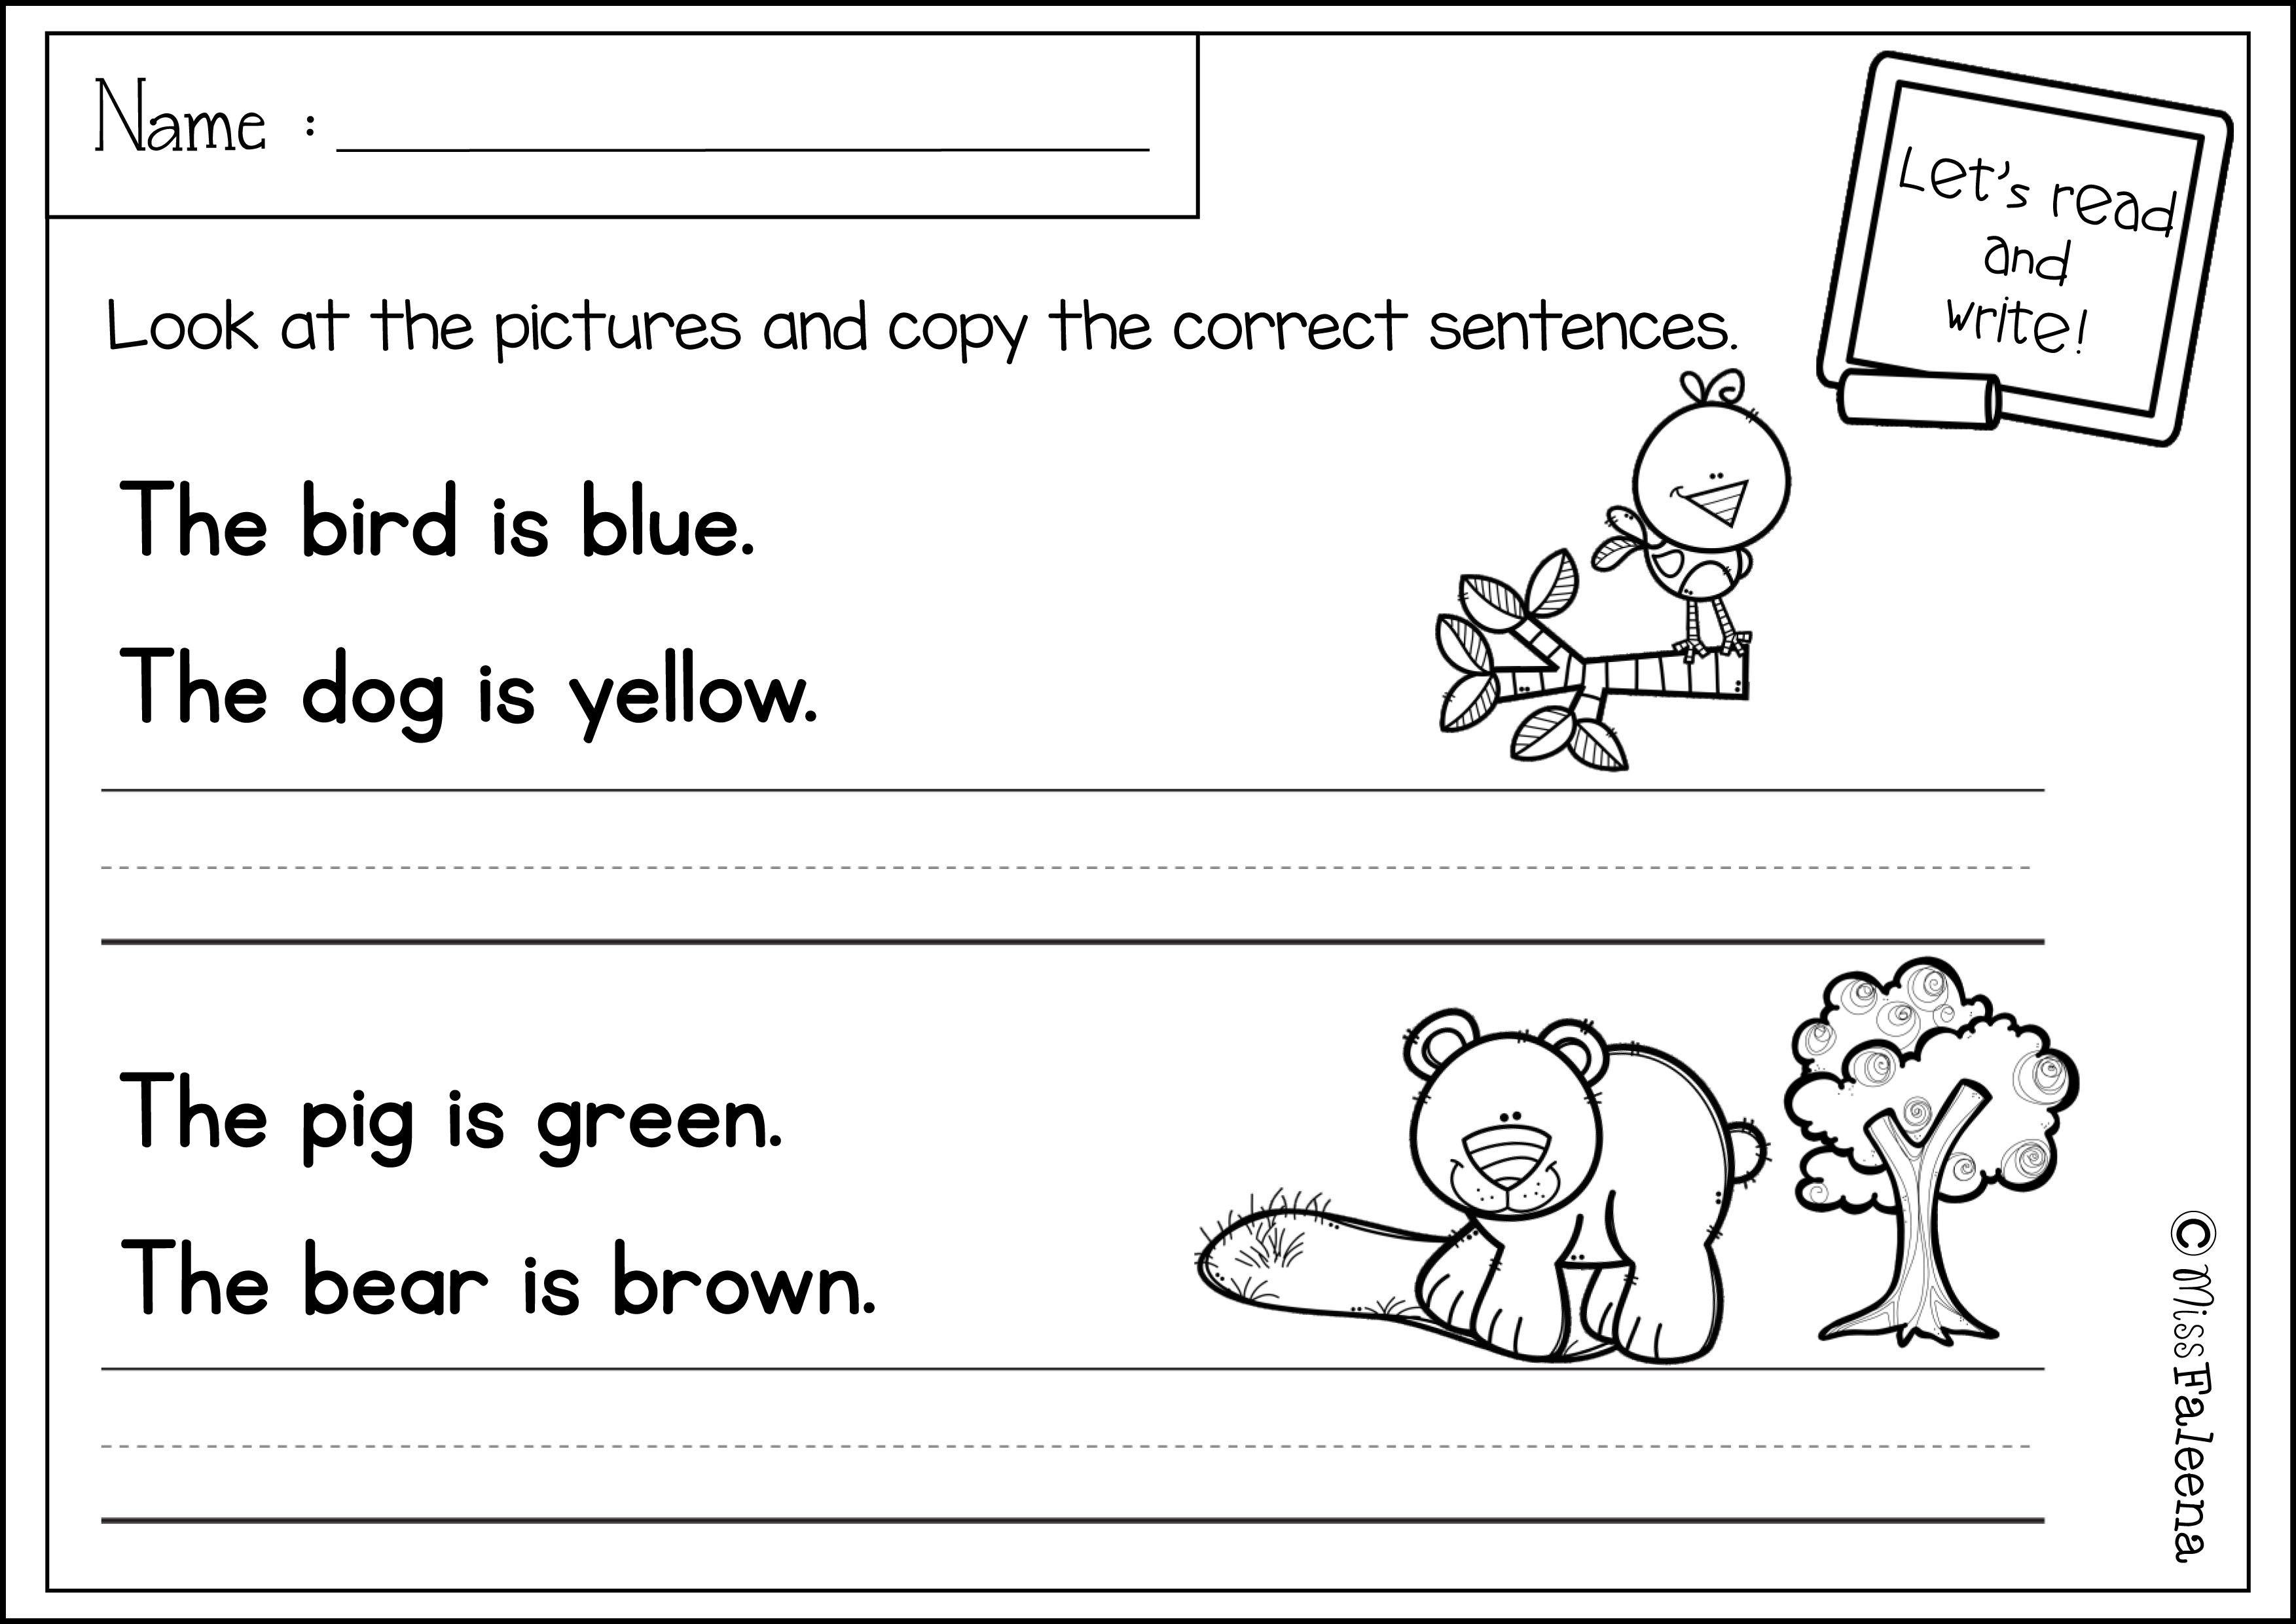 Free Sentence Writing Writing Worksheets Writing Worksheets Kindergarten Sentence Writing Kindergarten free sentence writing worksheets